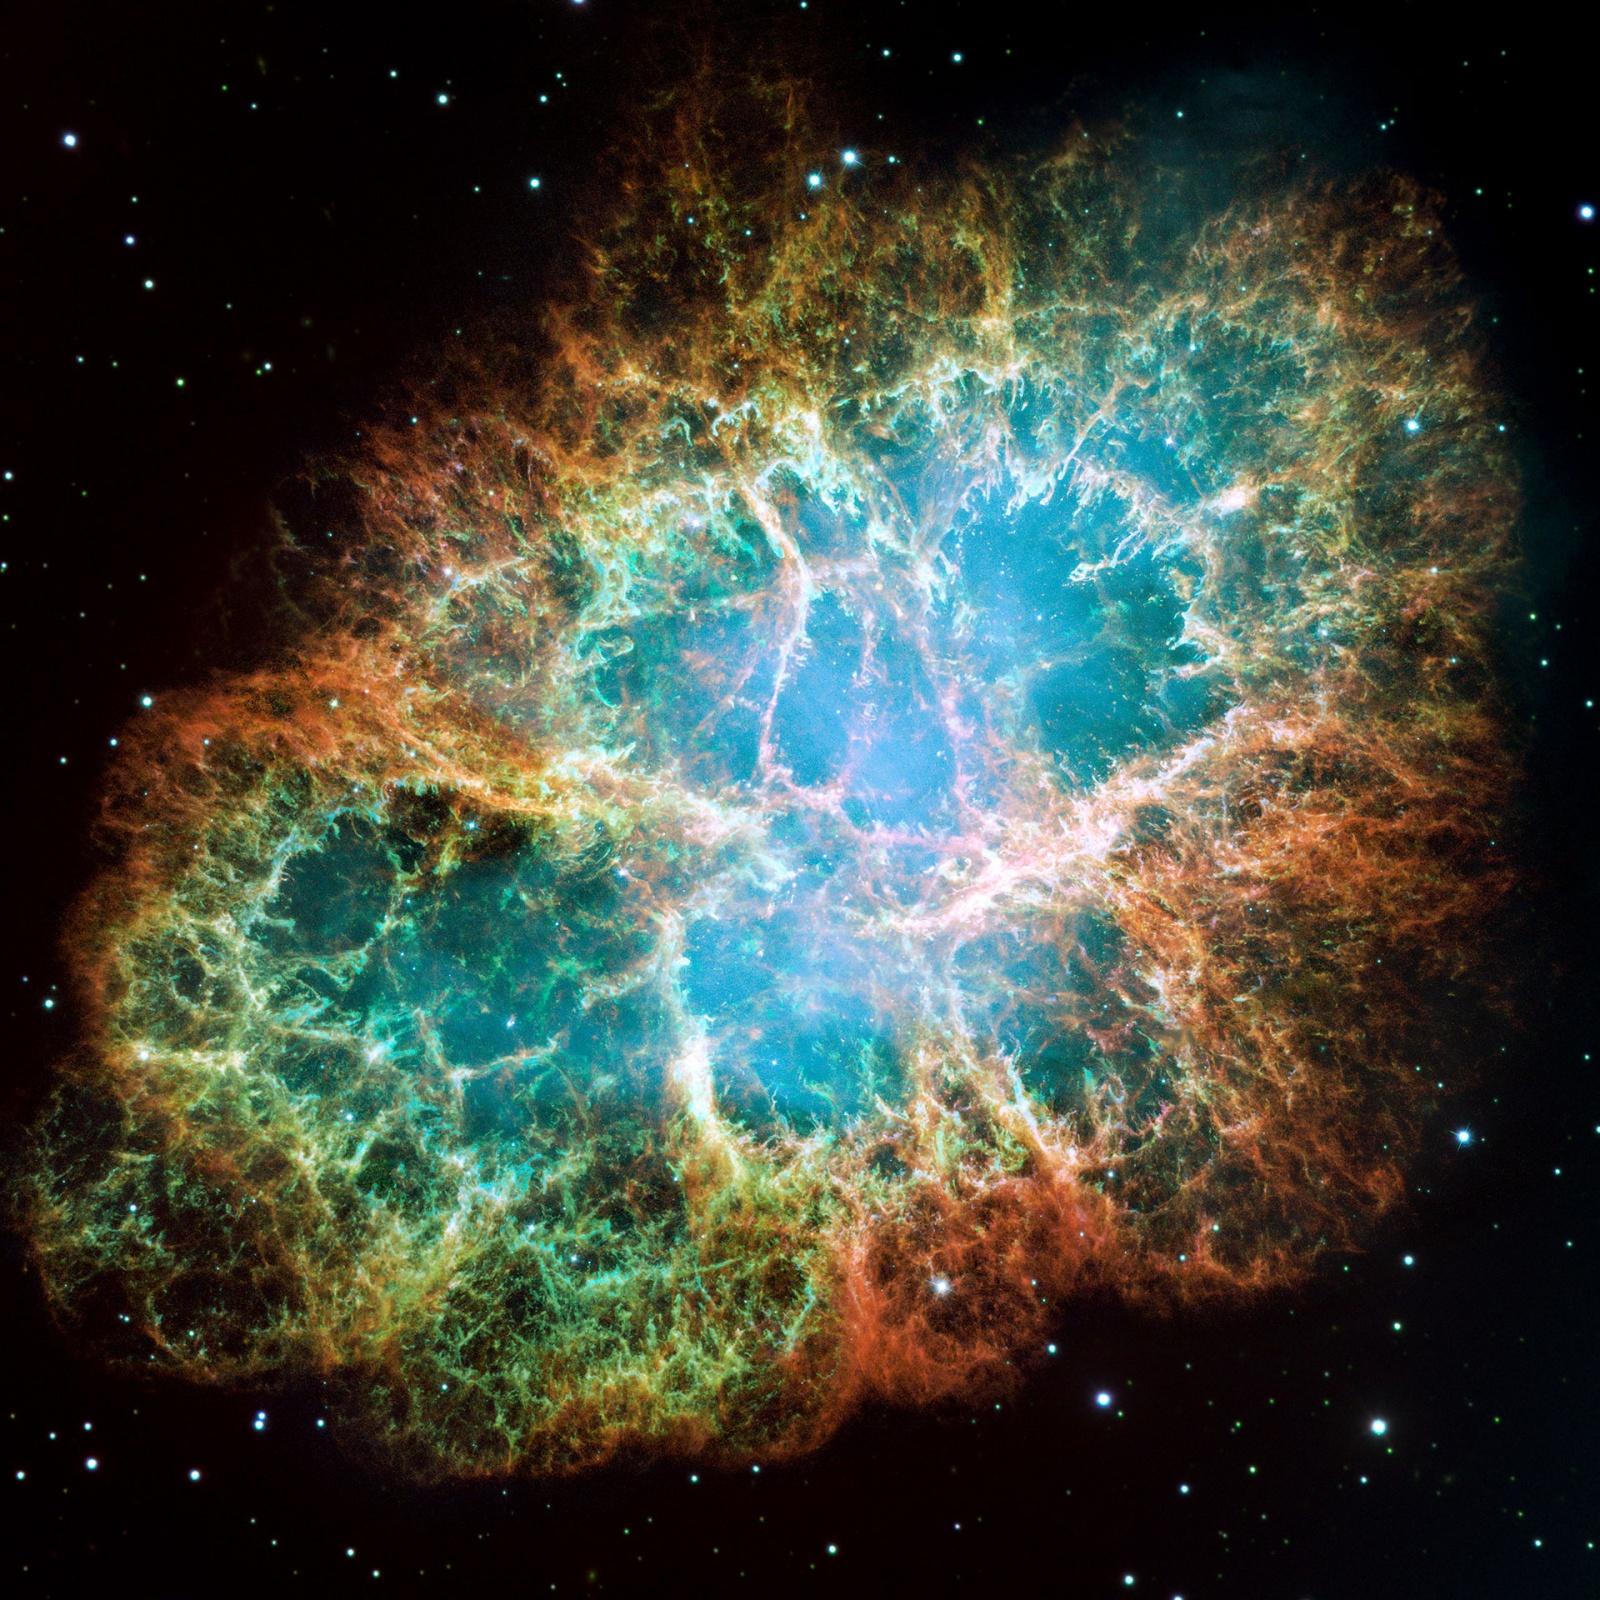 Продвинутые цивилизации могут построить галактический интернет, используя прохождения планет - 1